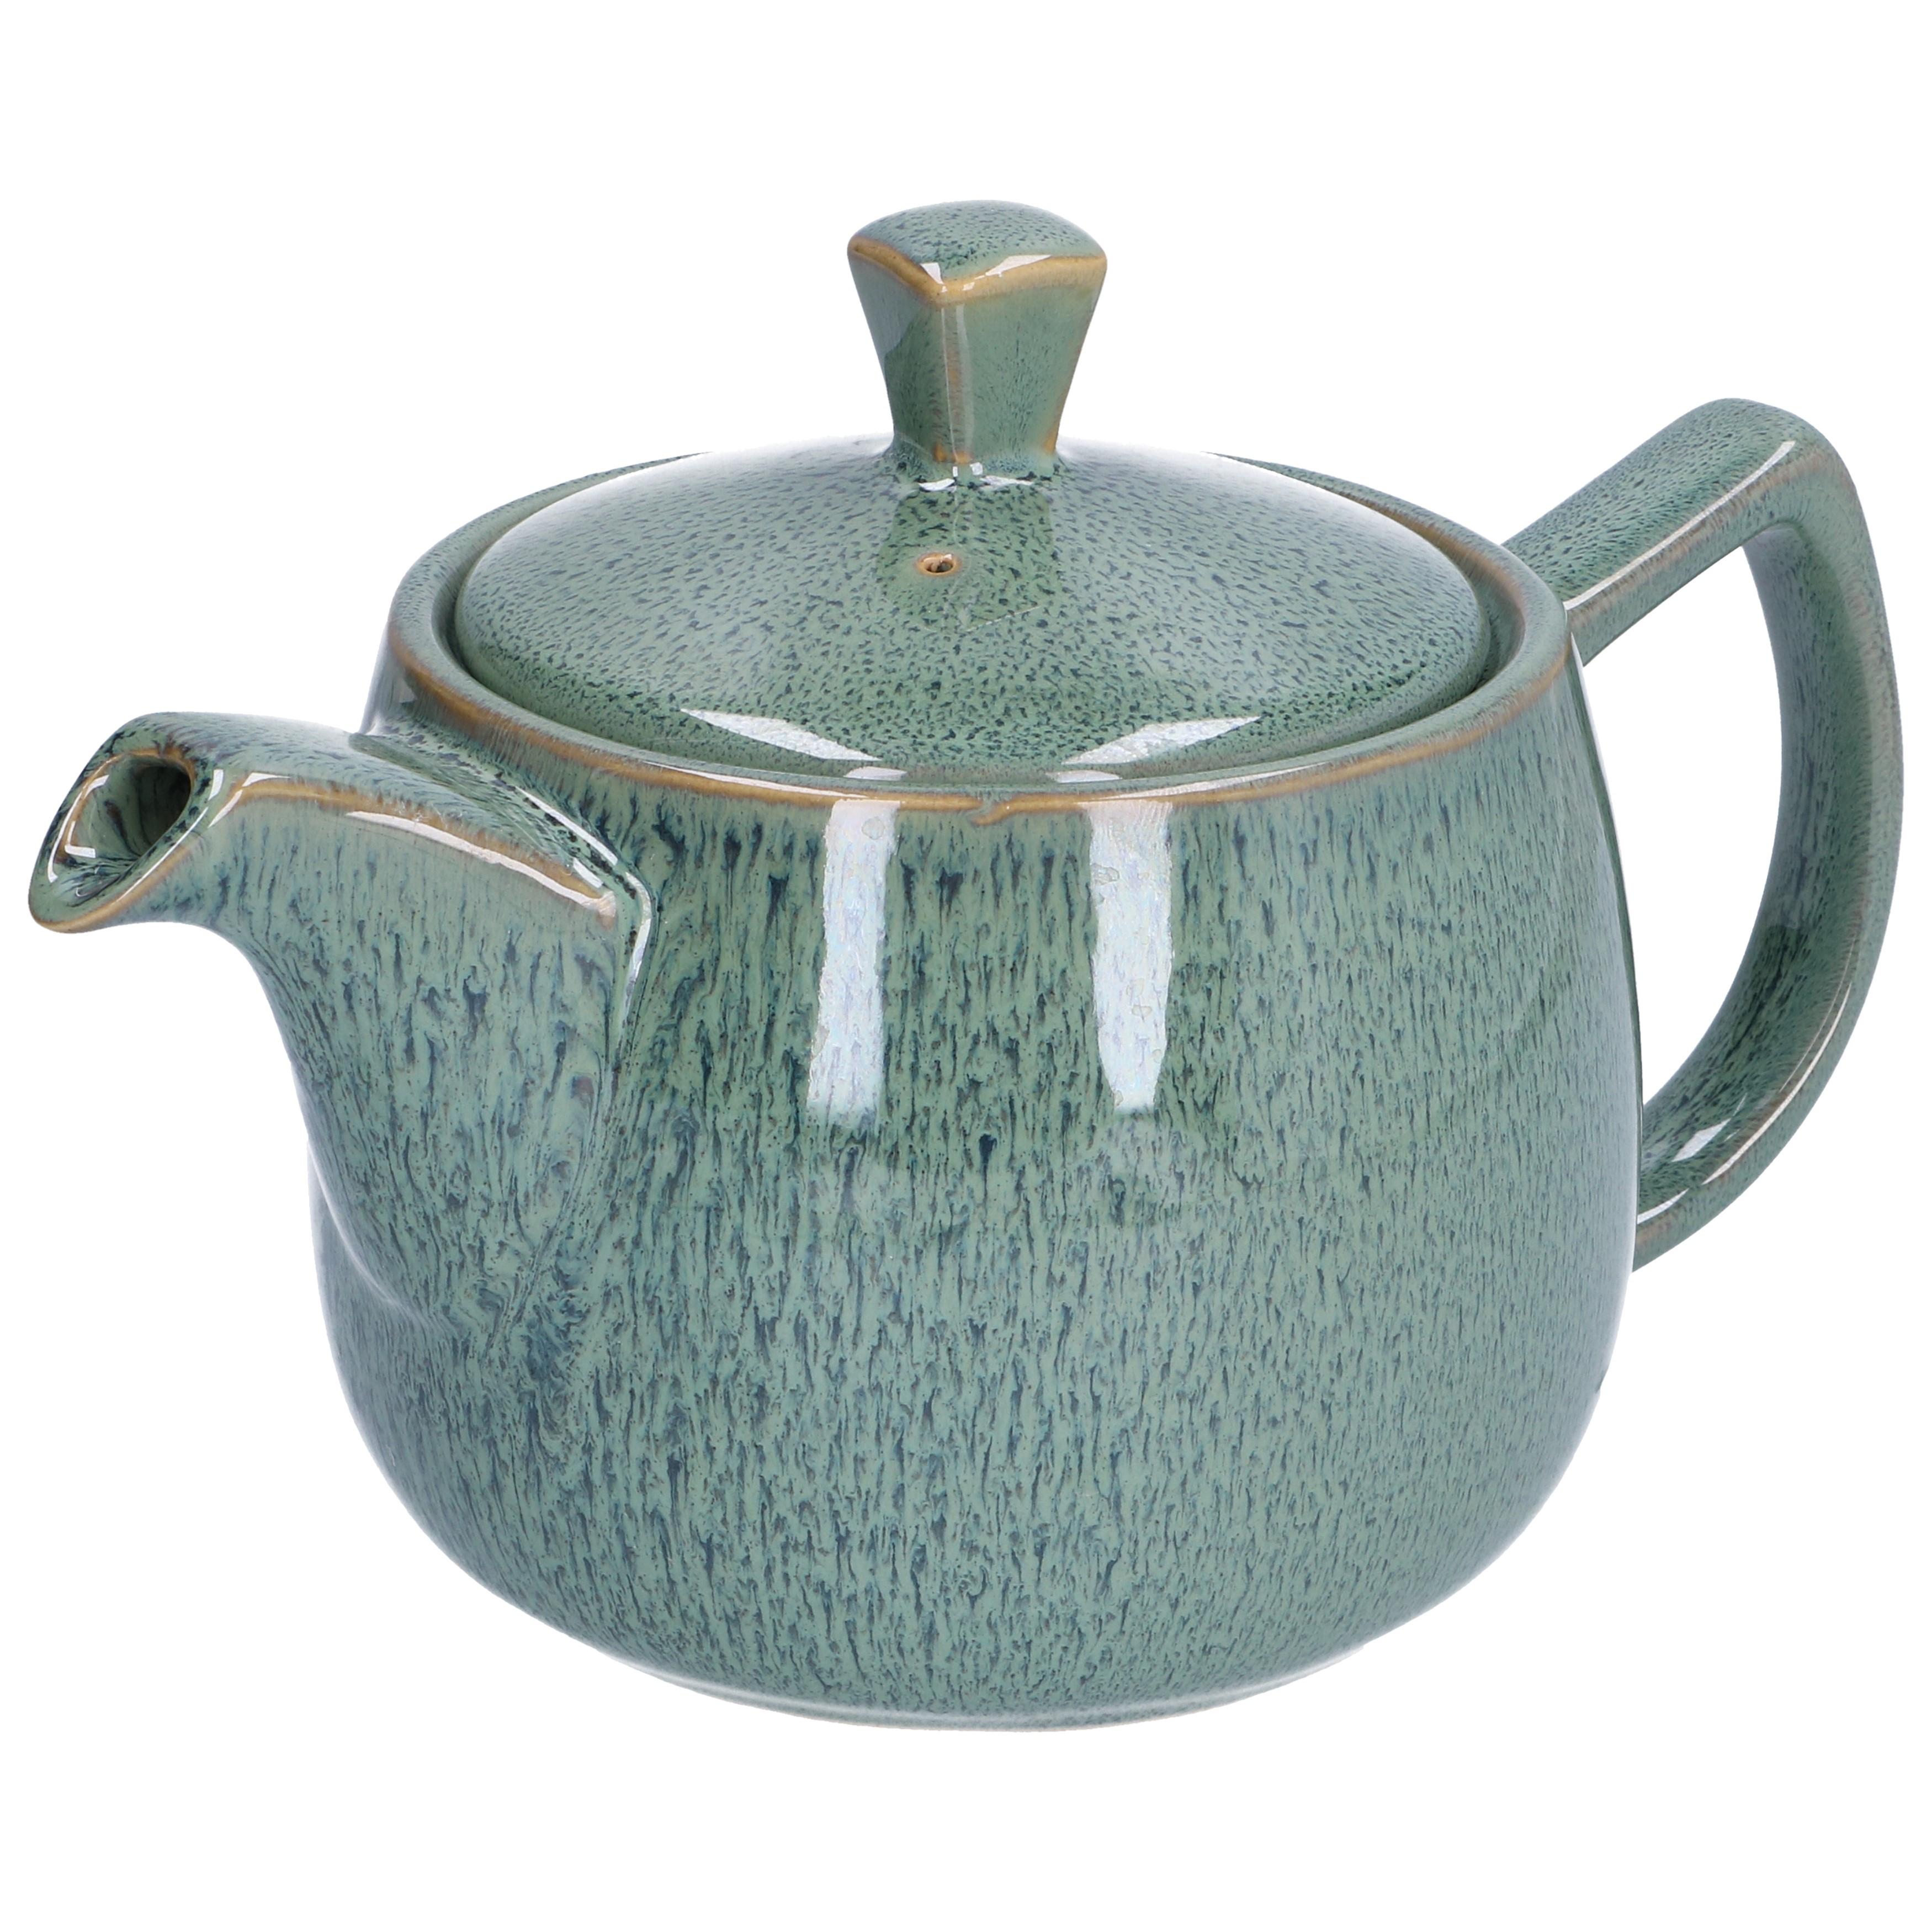 Theepot reactieve glazuur, steengoed, groen, 750 ml